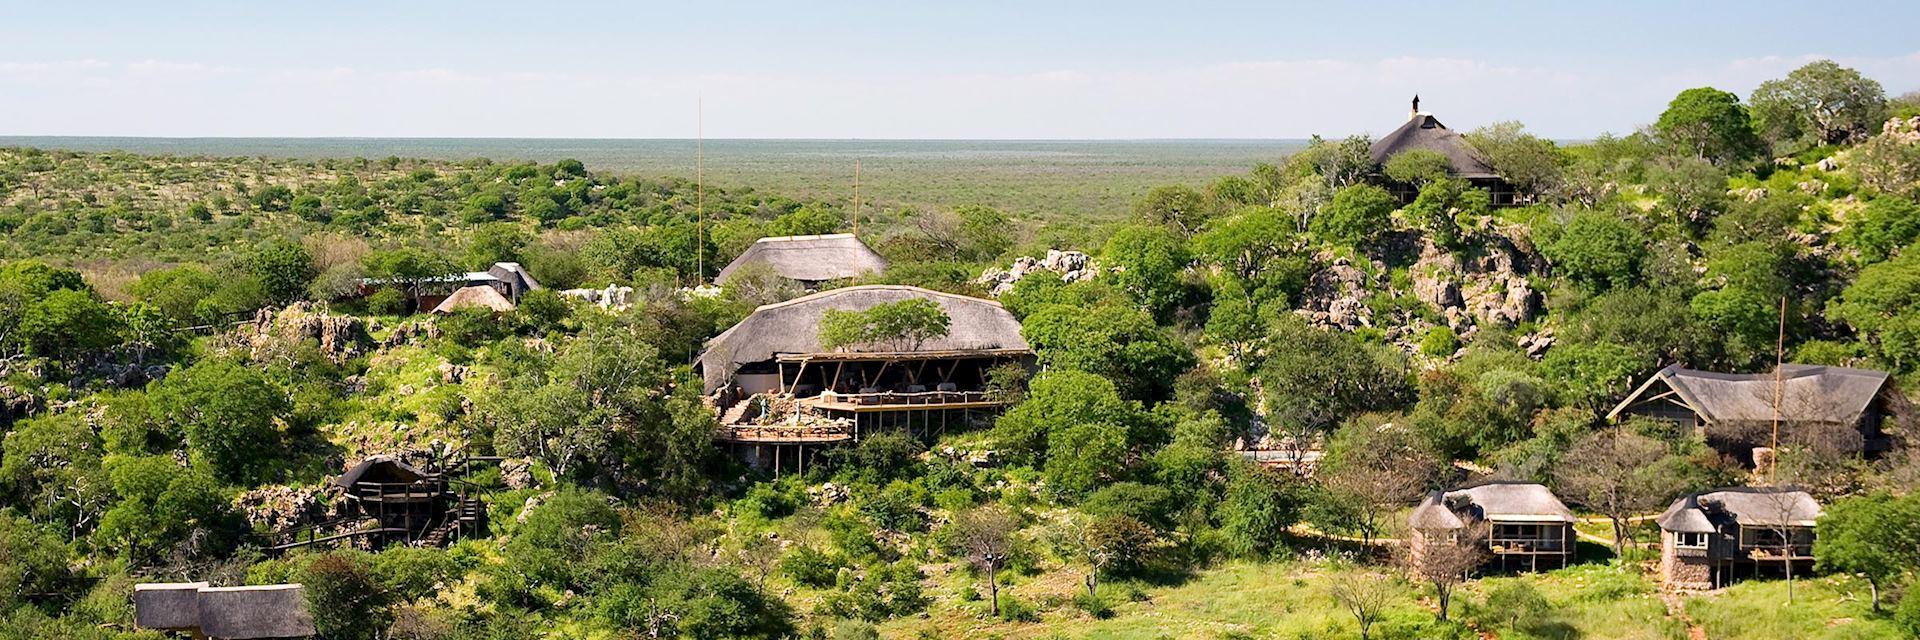 Ongava Lodge, Etosha National Park